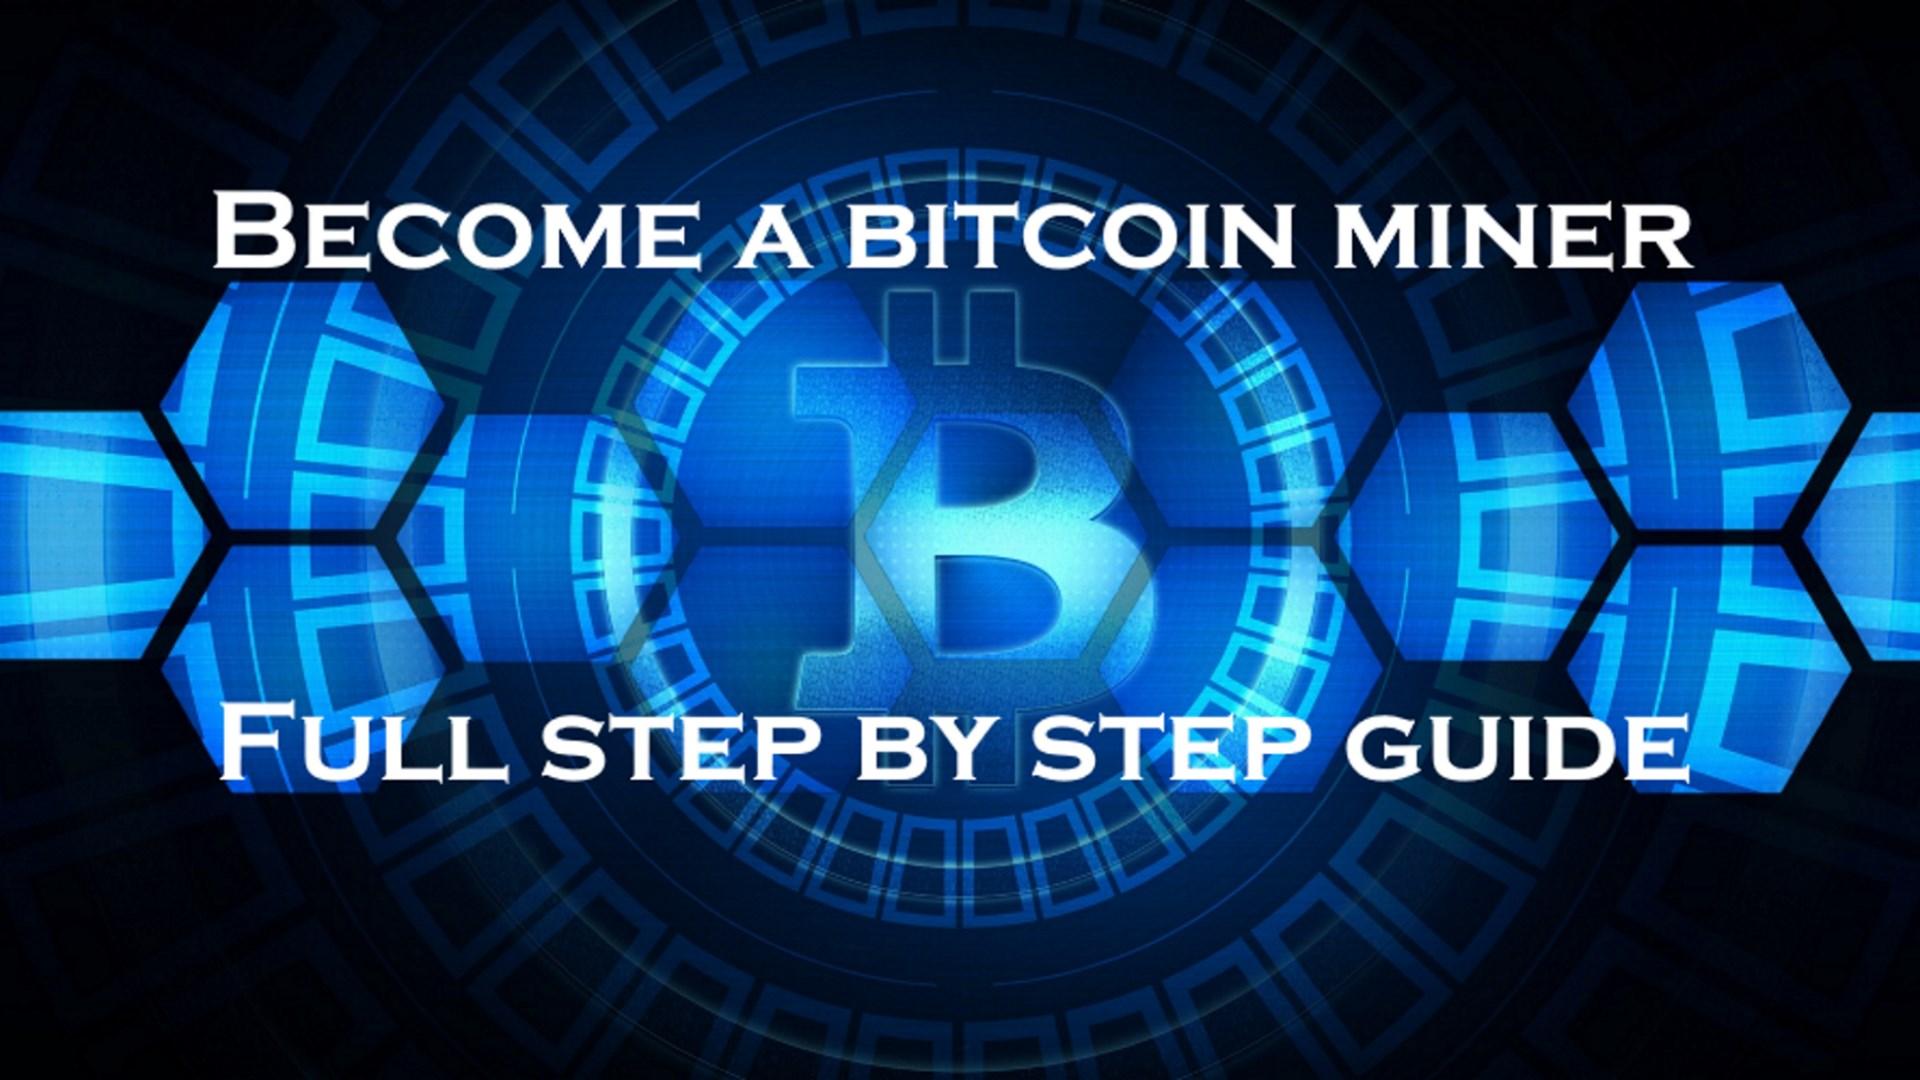 cum să obțineți bitcoin prin blockchain cât puteți câștiga cu roboți de tranzacționare